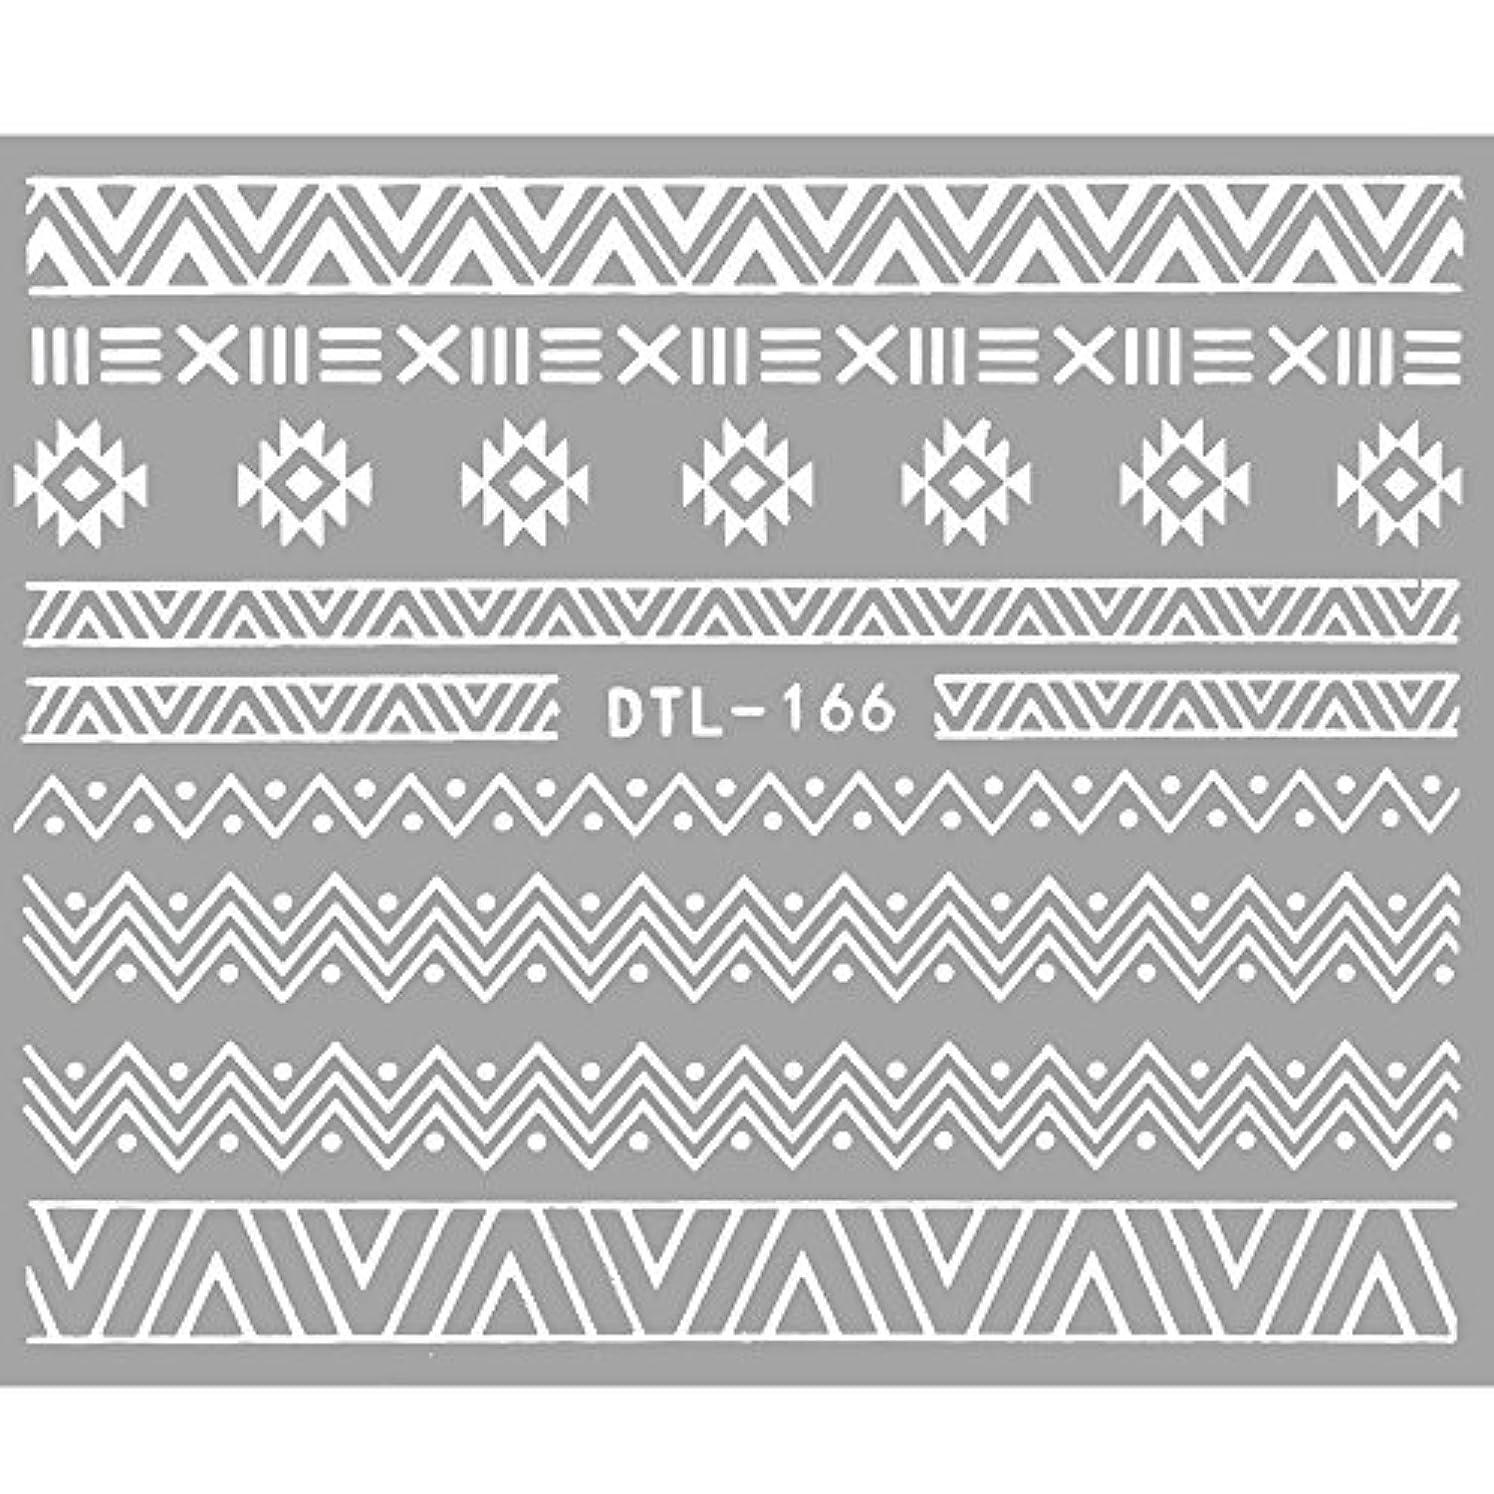 パプアニューギニア季節あらゆる種類の【ホワイト DTL-166】ネイティブエスニックラインシール